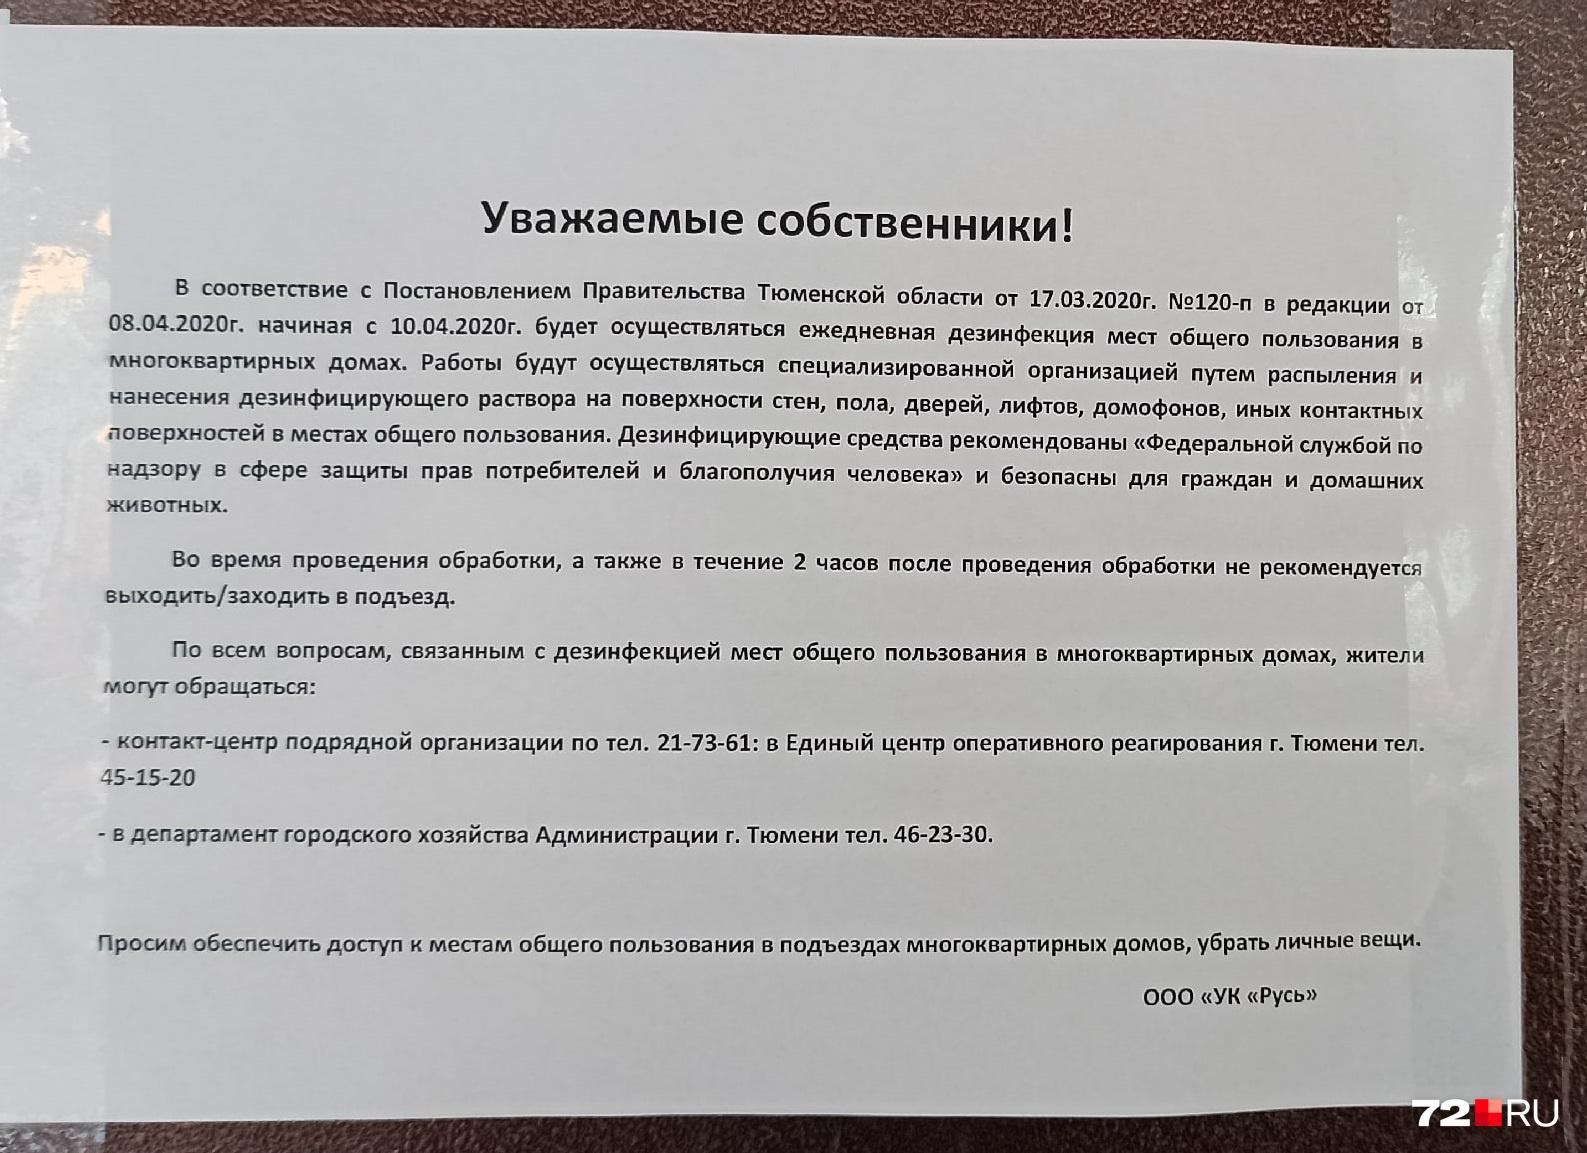 Такие объявления развесила УК «Русь». Они просят жильцов не выходить из квартир в течение двух часов после обработки